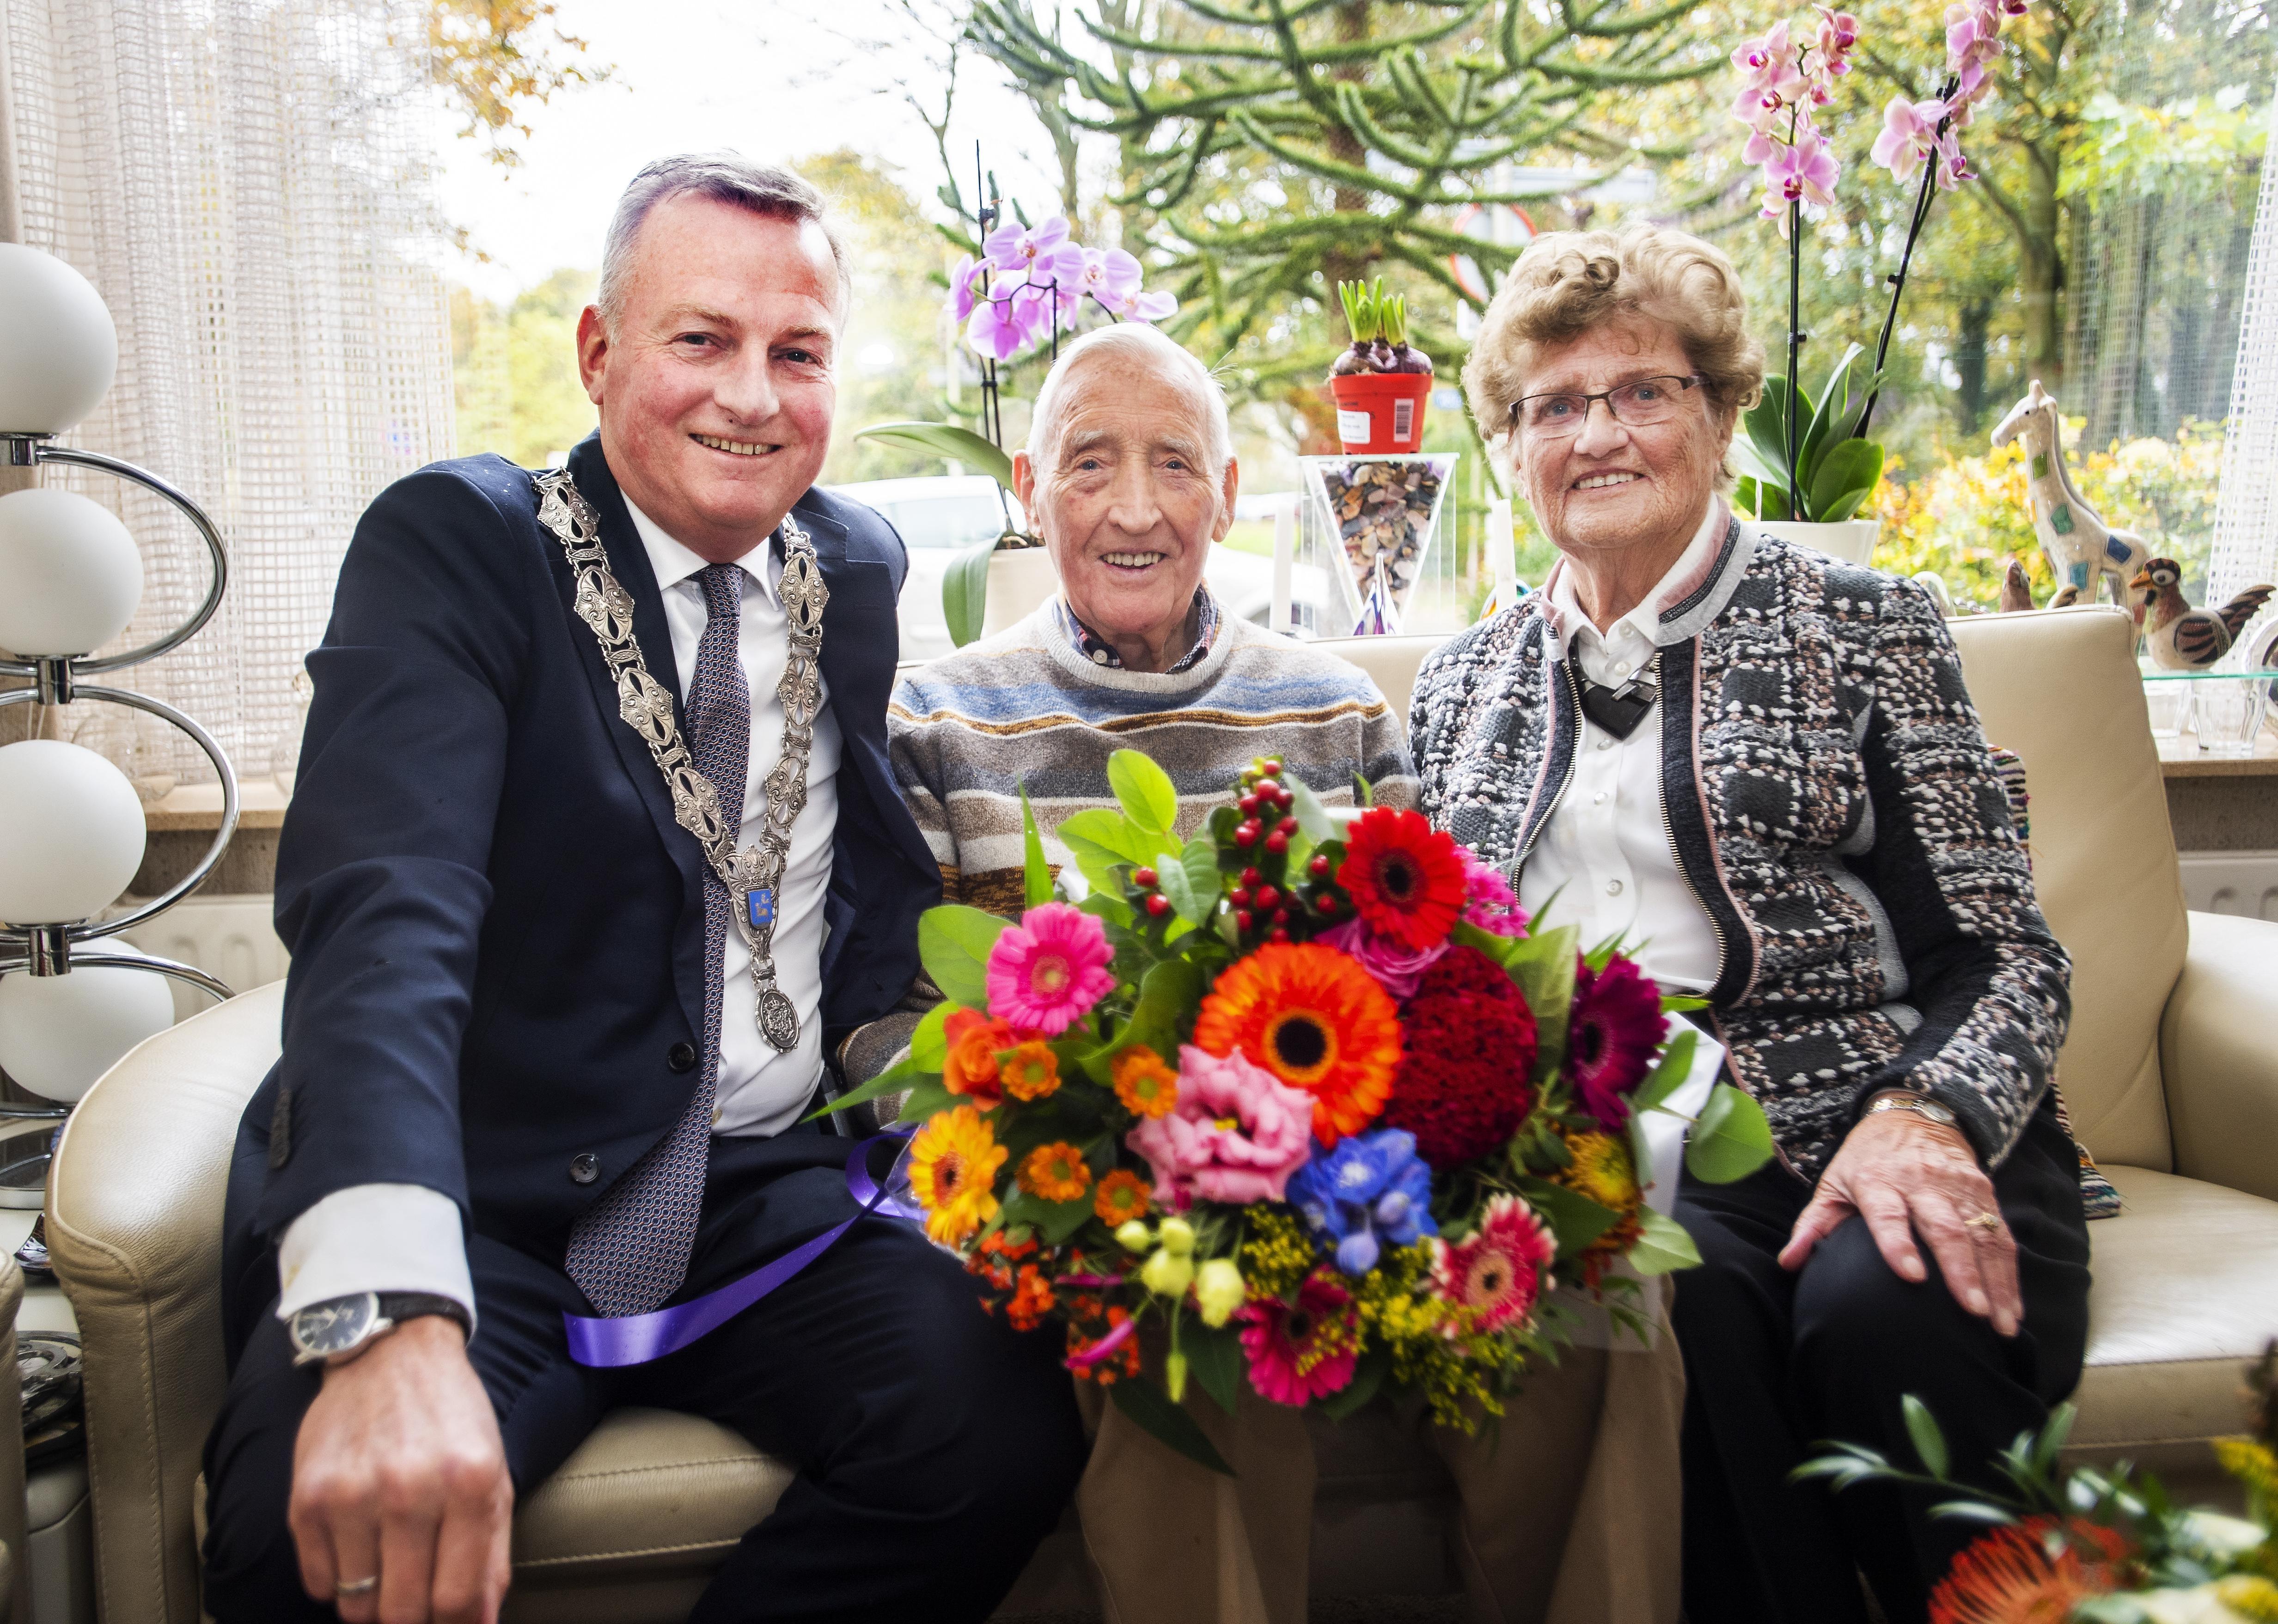 Echtpaar Bierling uit Driehuis viert 70-jarig huwelijk: 'We hebben elkaar nooit willen inruilen' - Noordhollands Dagblad